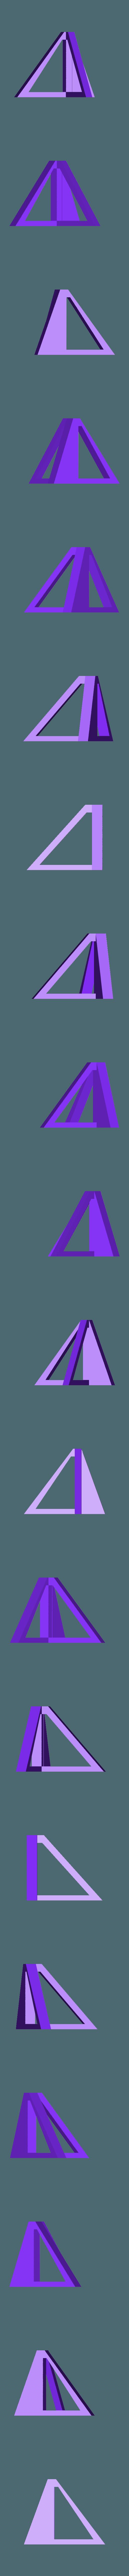 Super_Waasa_1.stl Download STL file Raiscube_R2 Tool table • Object to 3D print, jankitokarczew